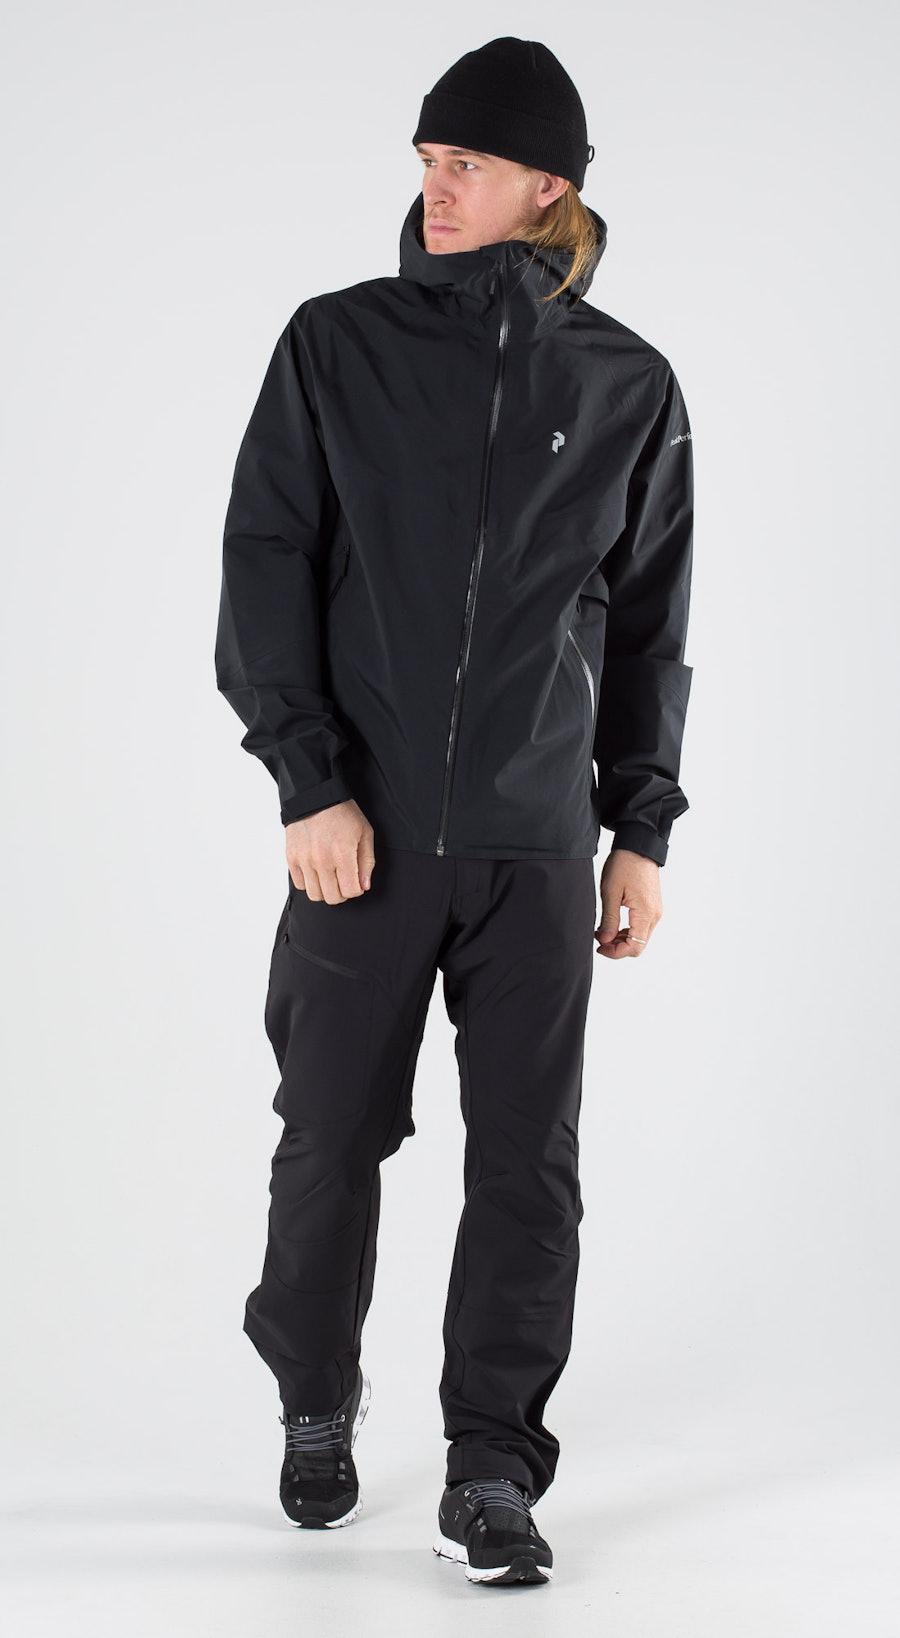 Peak Performance Liit Black Outfit Multi